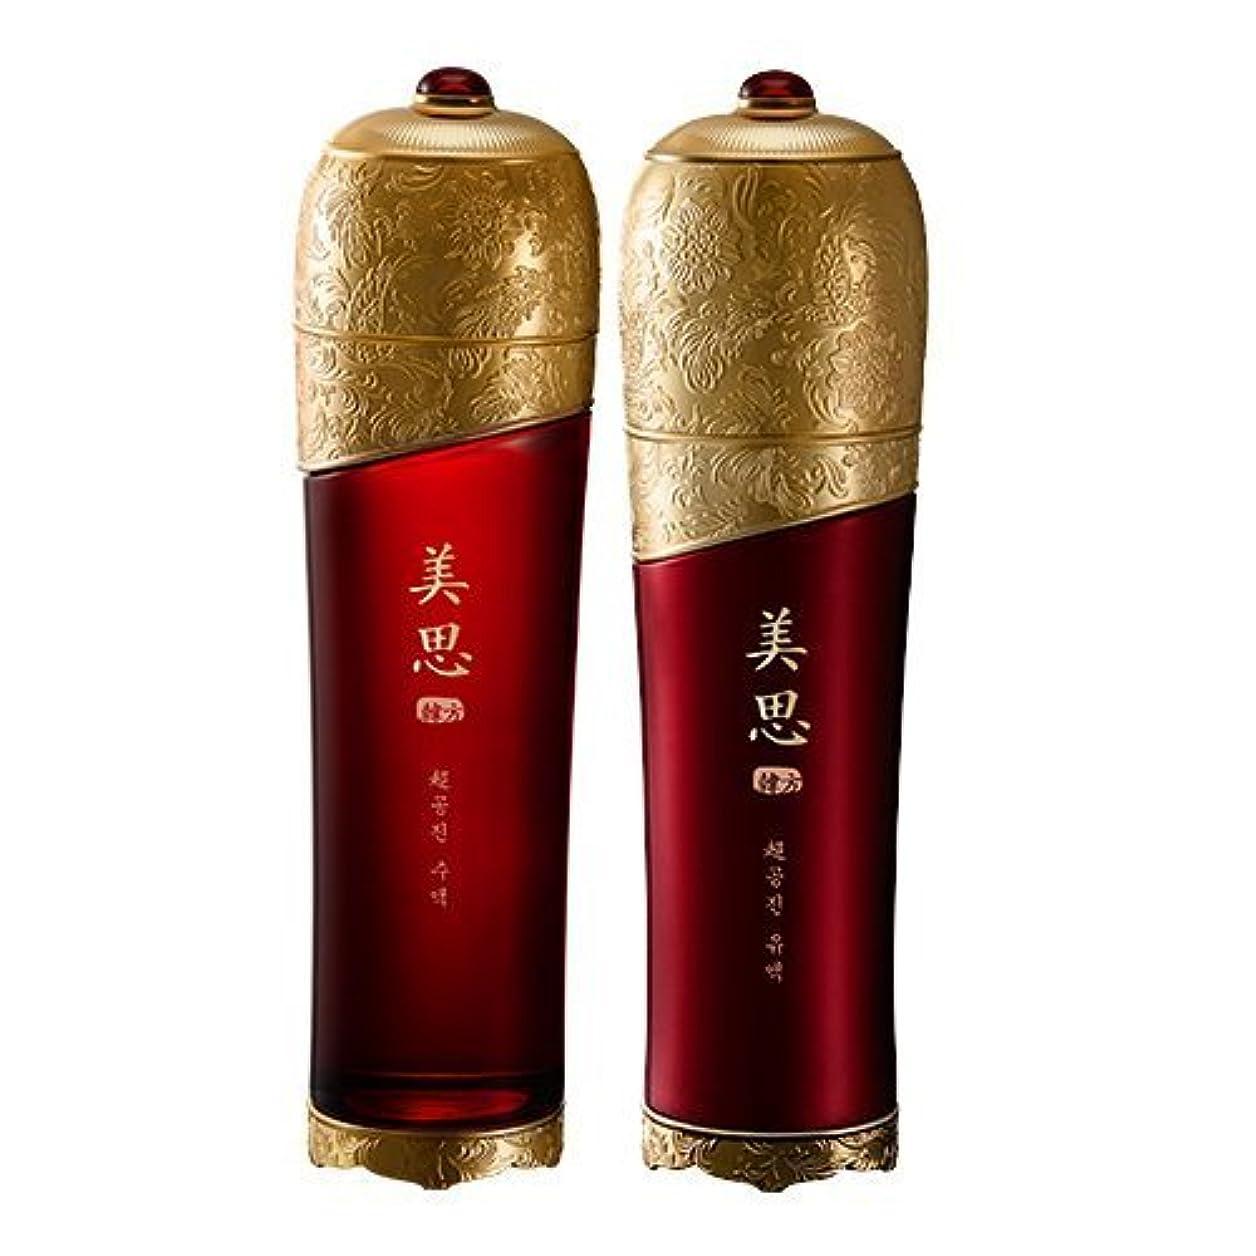 くつろぎ辞任微視的MISSHA(ミシャ) 美思 韓方 チョゴンジン 基礎化粧品 スキンケア 化粧水+乳液=お得2種Set